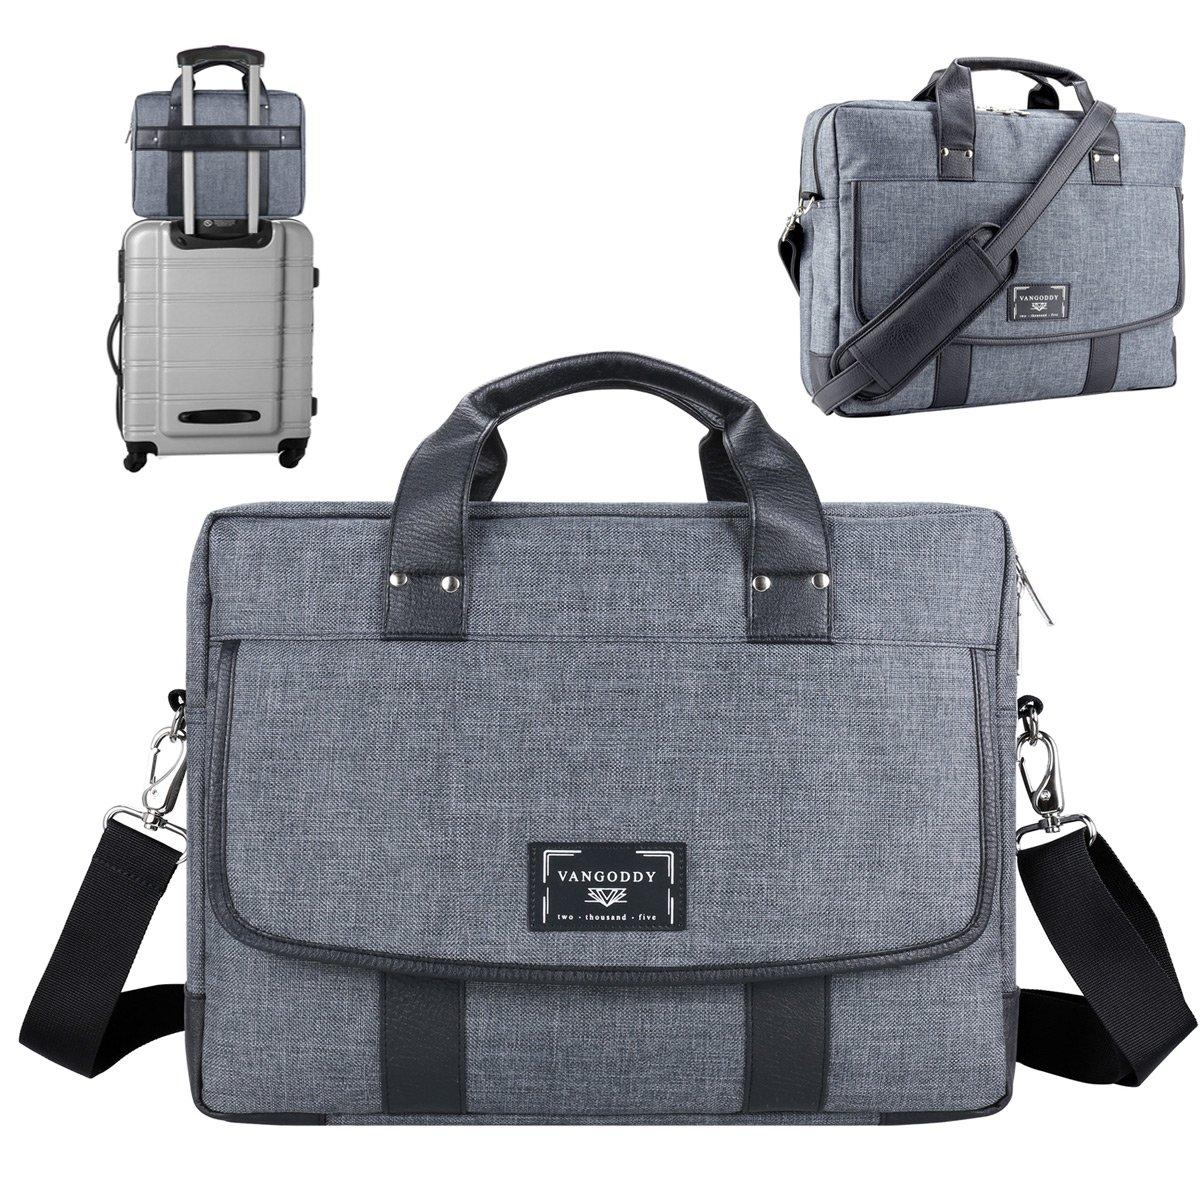 high-quality 11 - 12.5 Inch Laptop Shoulder Messenger Bag Briefcase Sleeve  Backpack for 2 843e2667d9